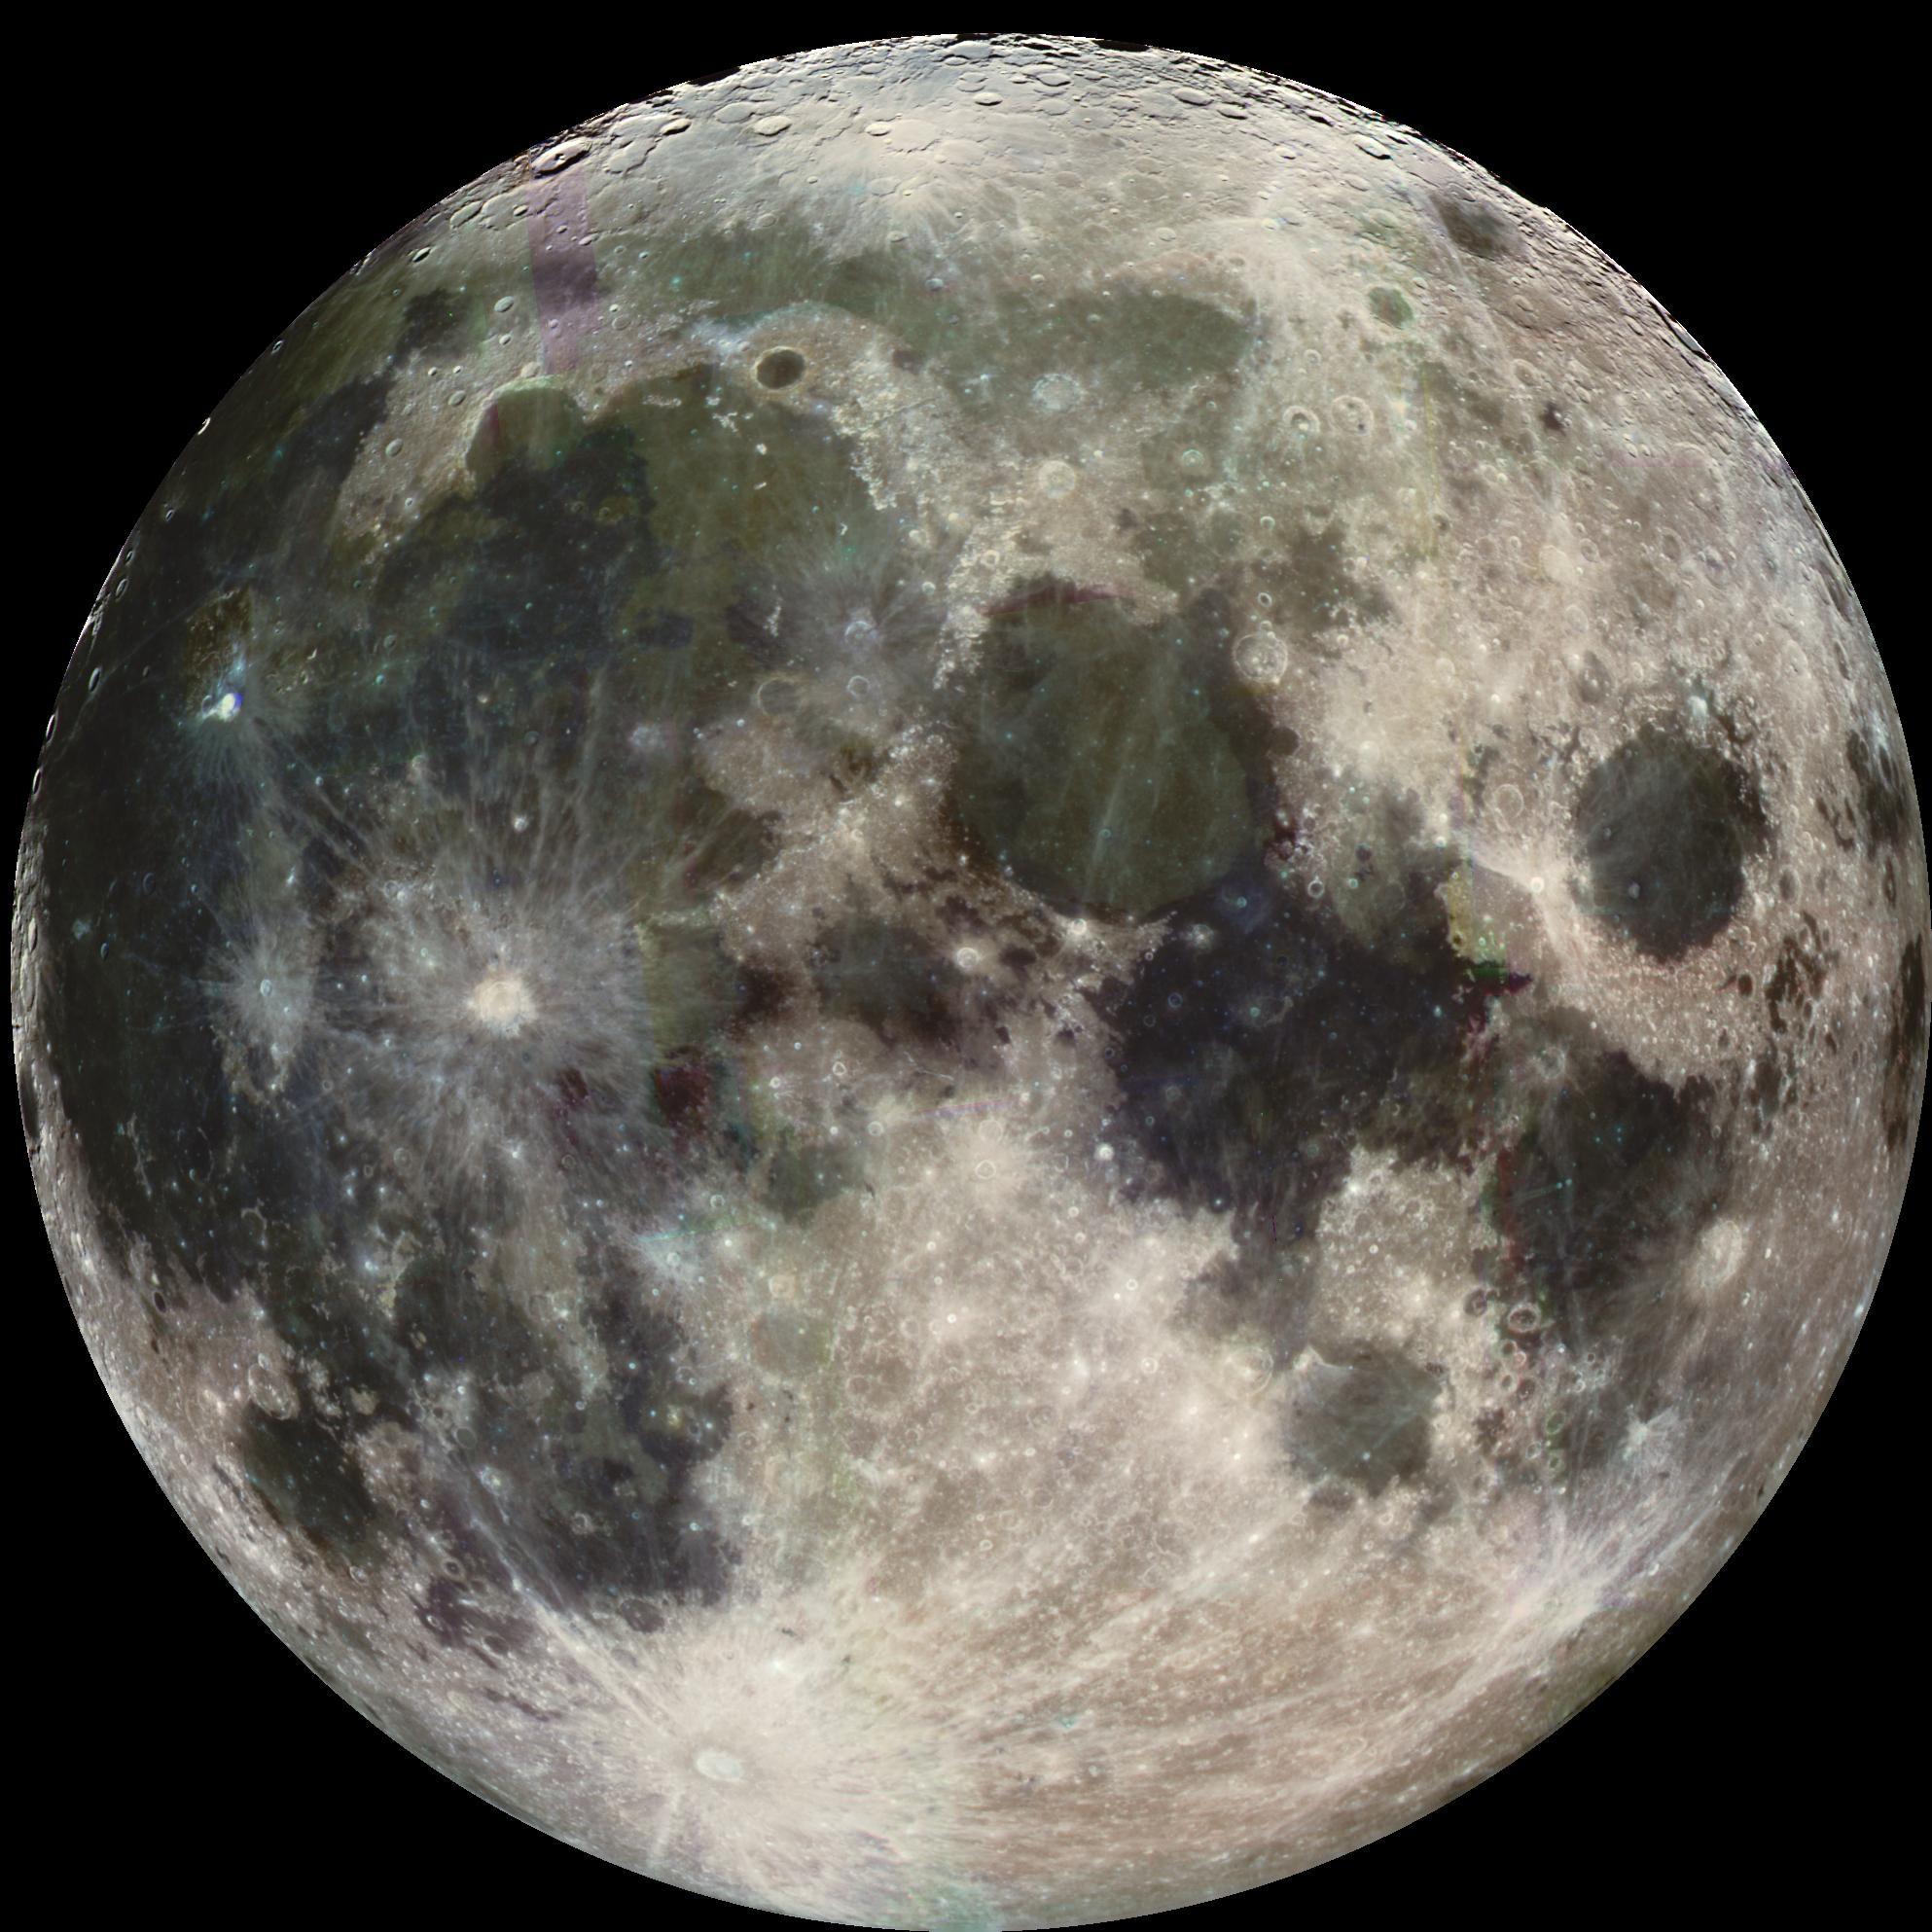 Imagem da agência espacial americana, a Nasa, da Lua, feita em abril de 2011 (Foto: Nasa/JPL)